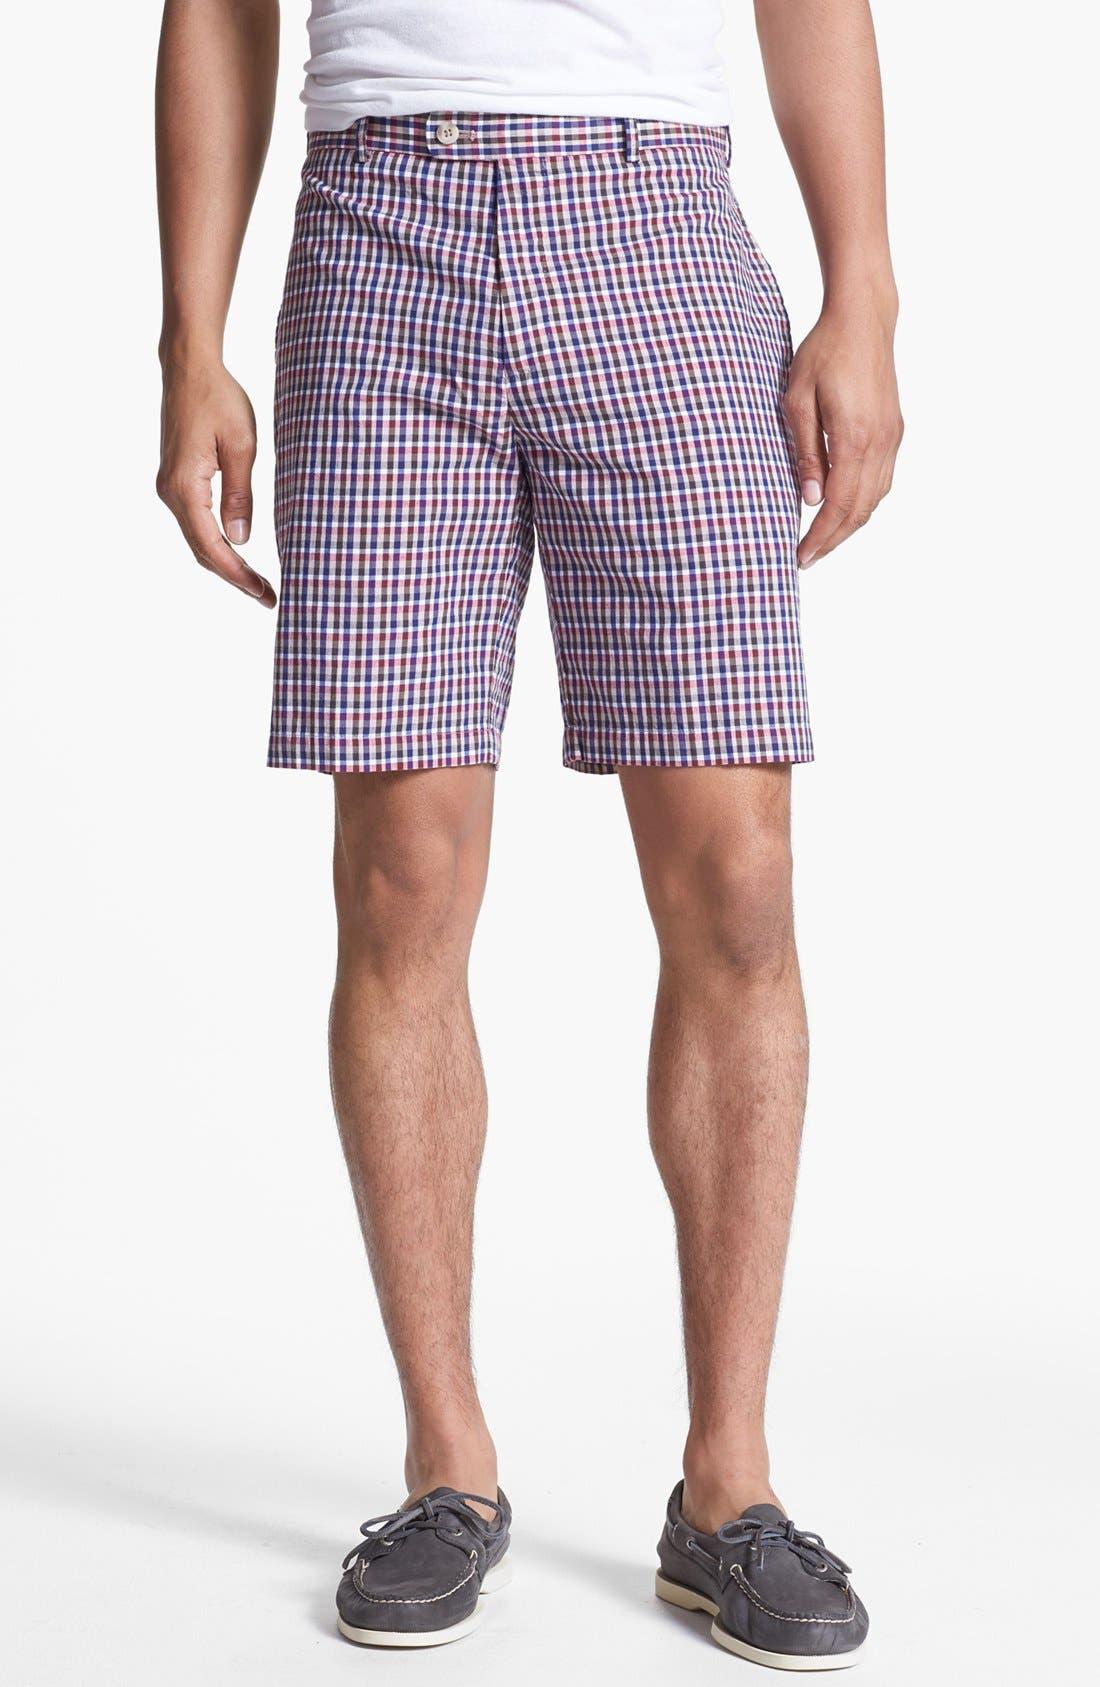 Alternate Image 1 Selected - Peter Millar 'Wigan' Shorts